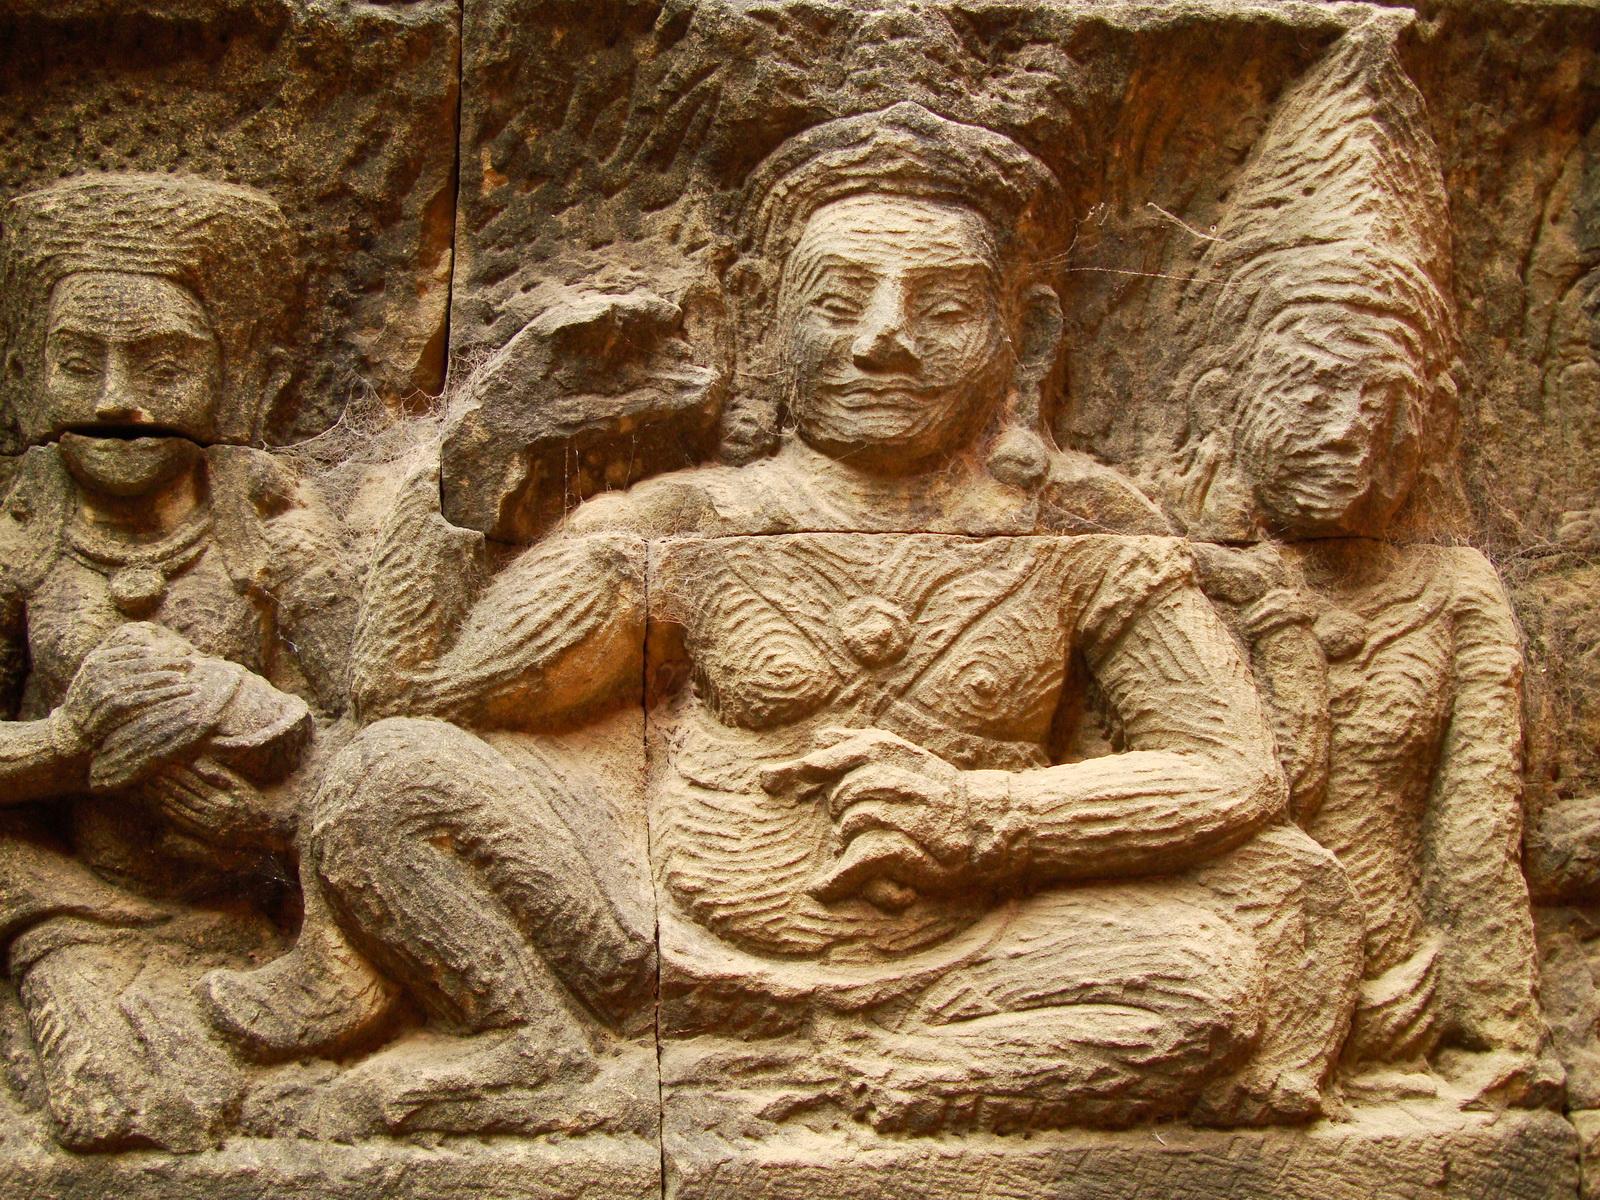 Leper King Terrace hidden wall underworld Nagas and deities 135